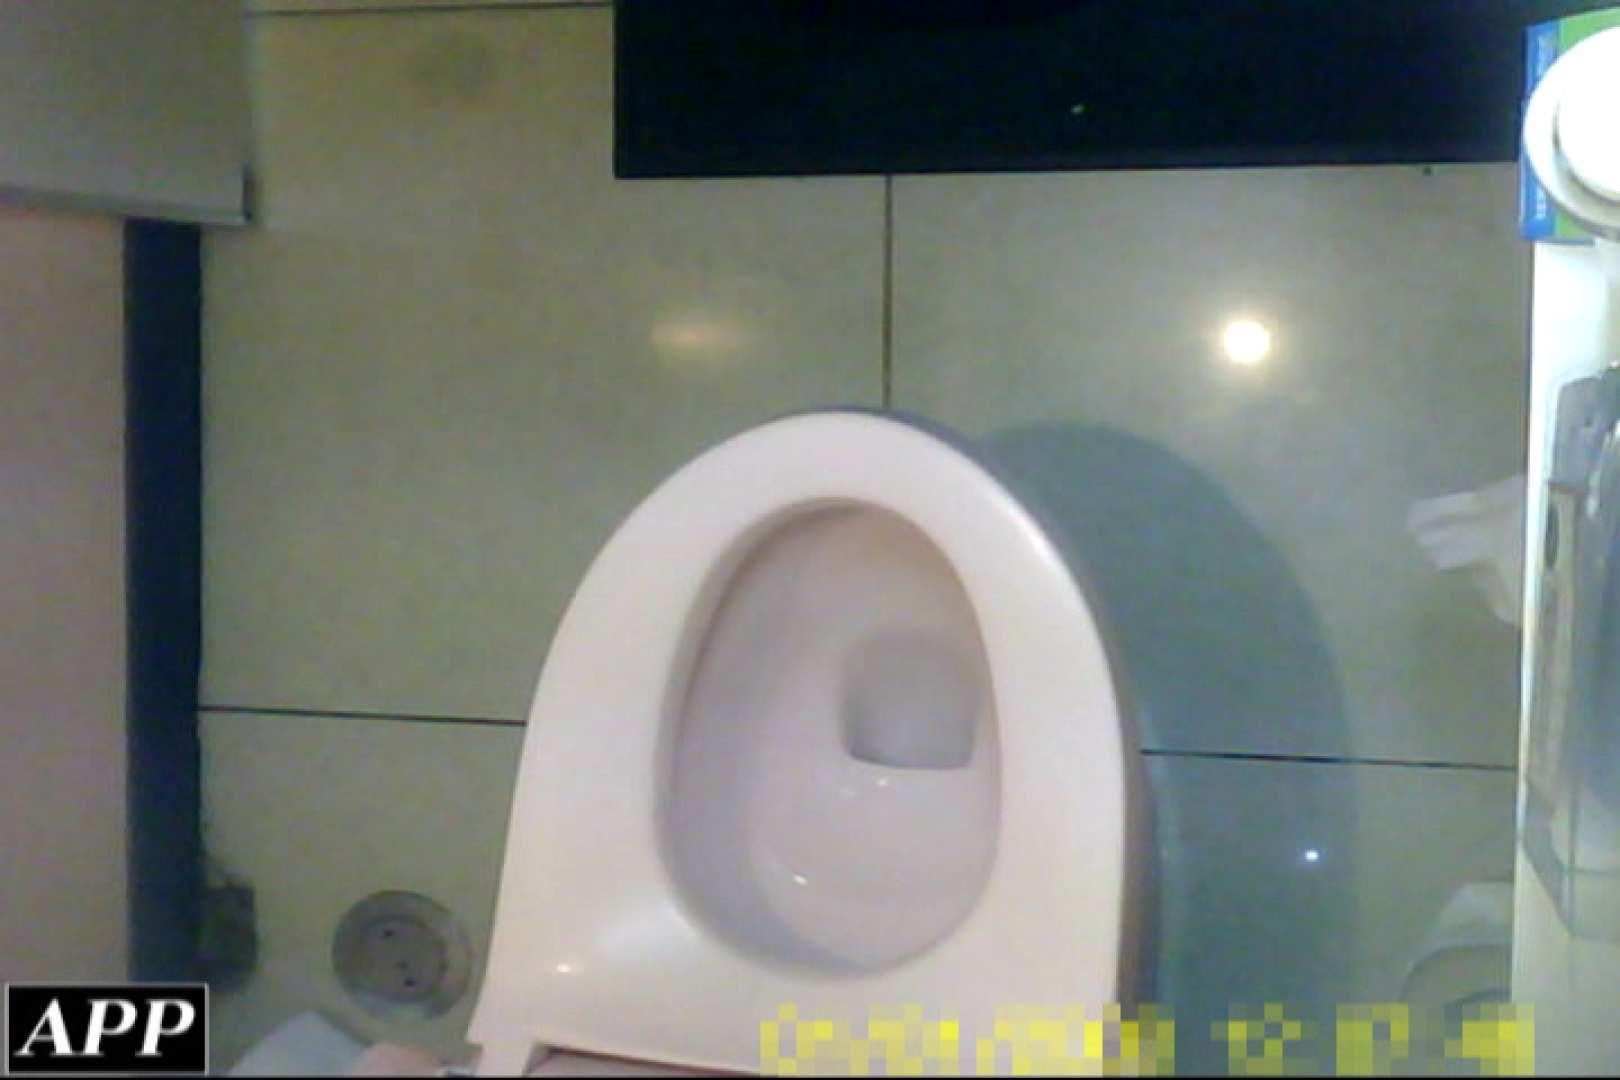 3視点洗面所 vol.33 洗面所 盗撮われめAV動画紹介 89pic 21